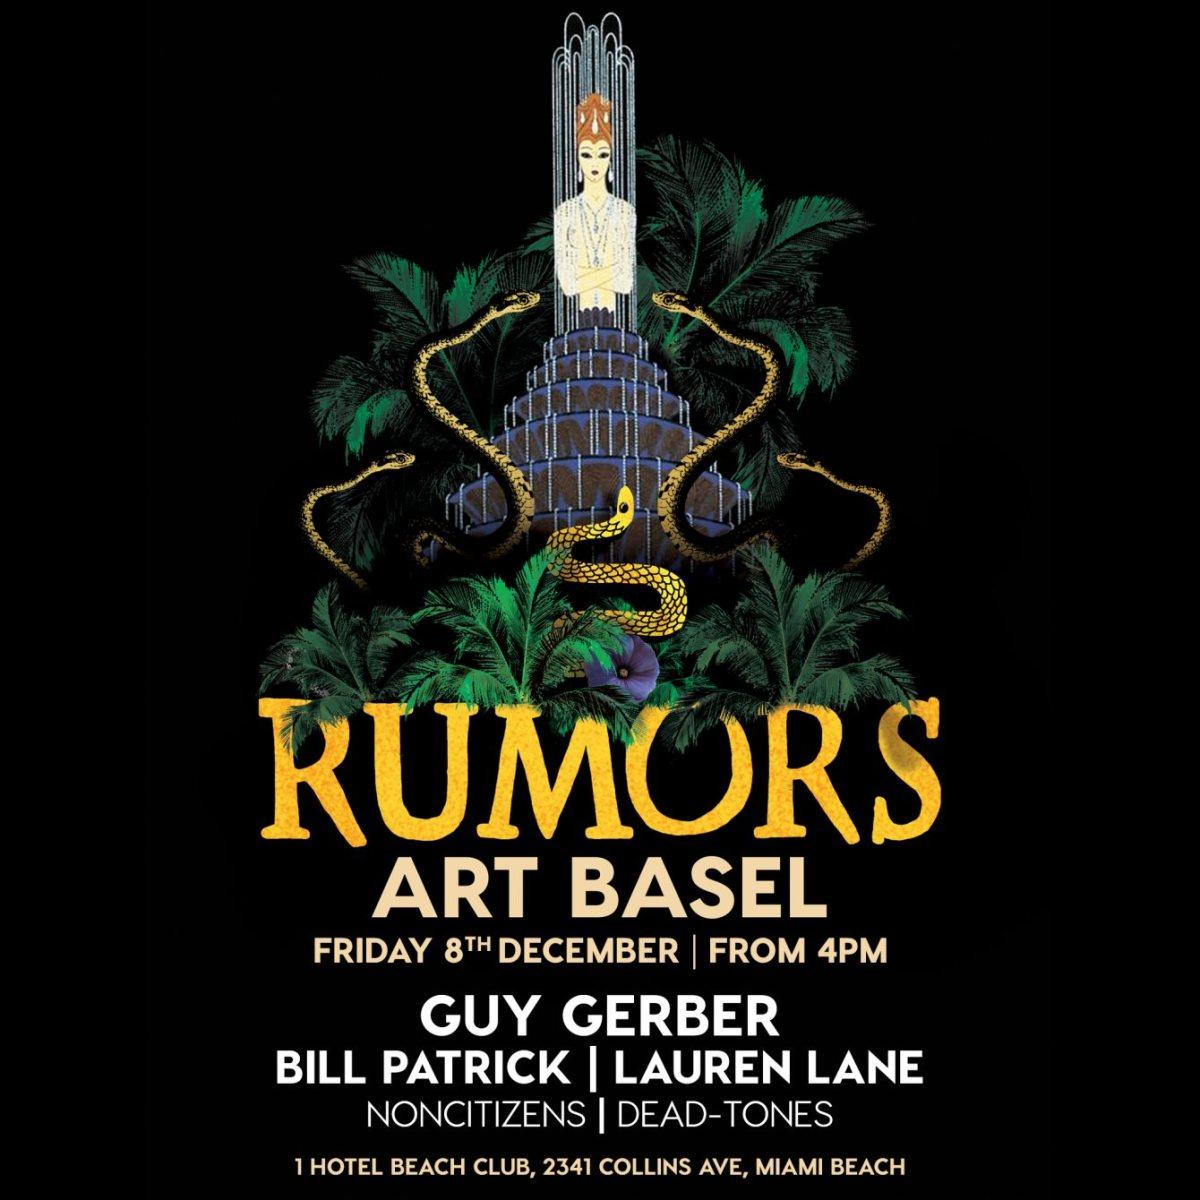 Guy-Gerber-Rumors-Art-Basel-Flyer